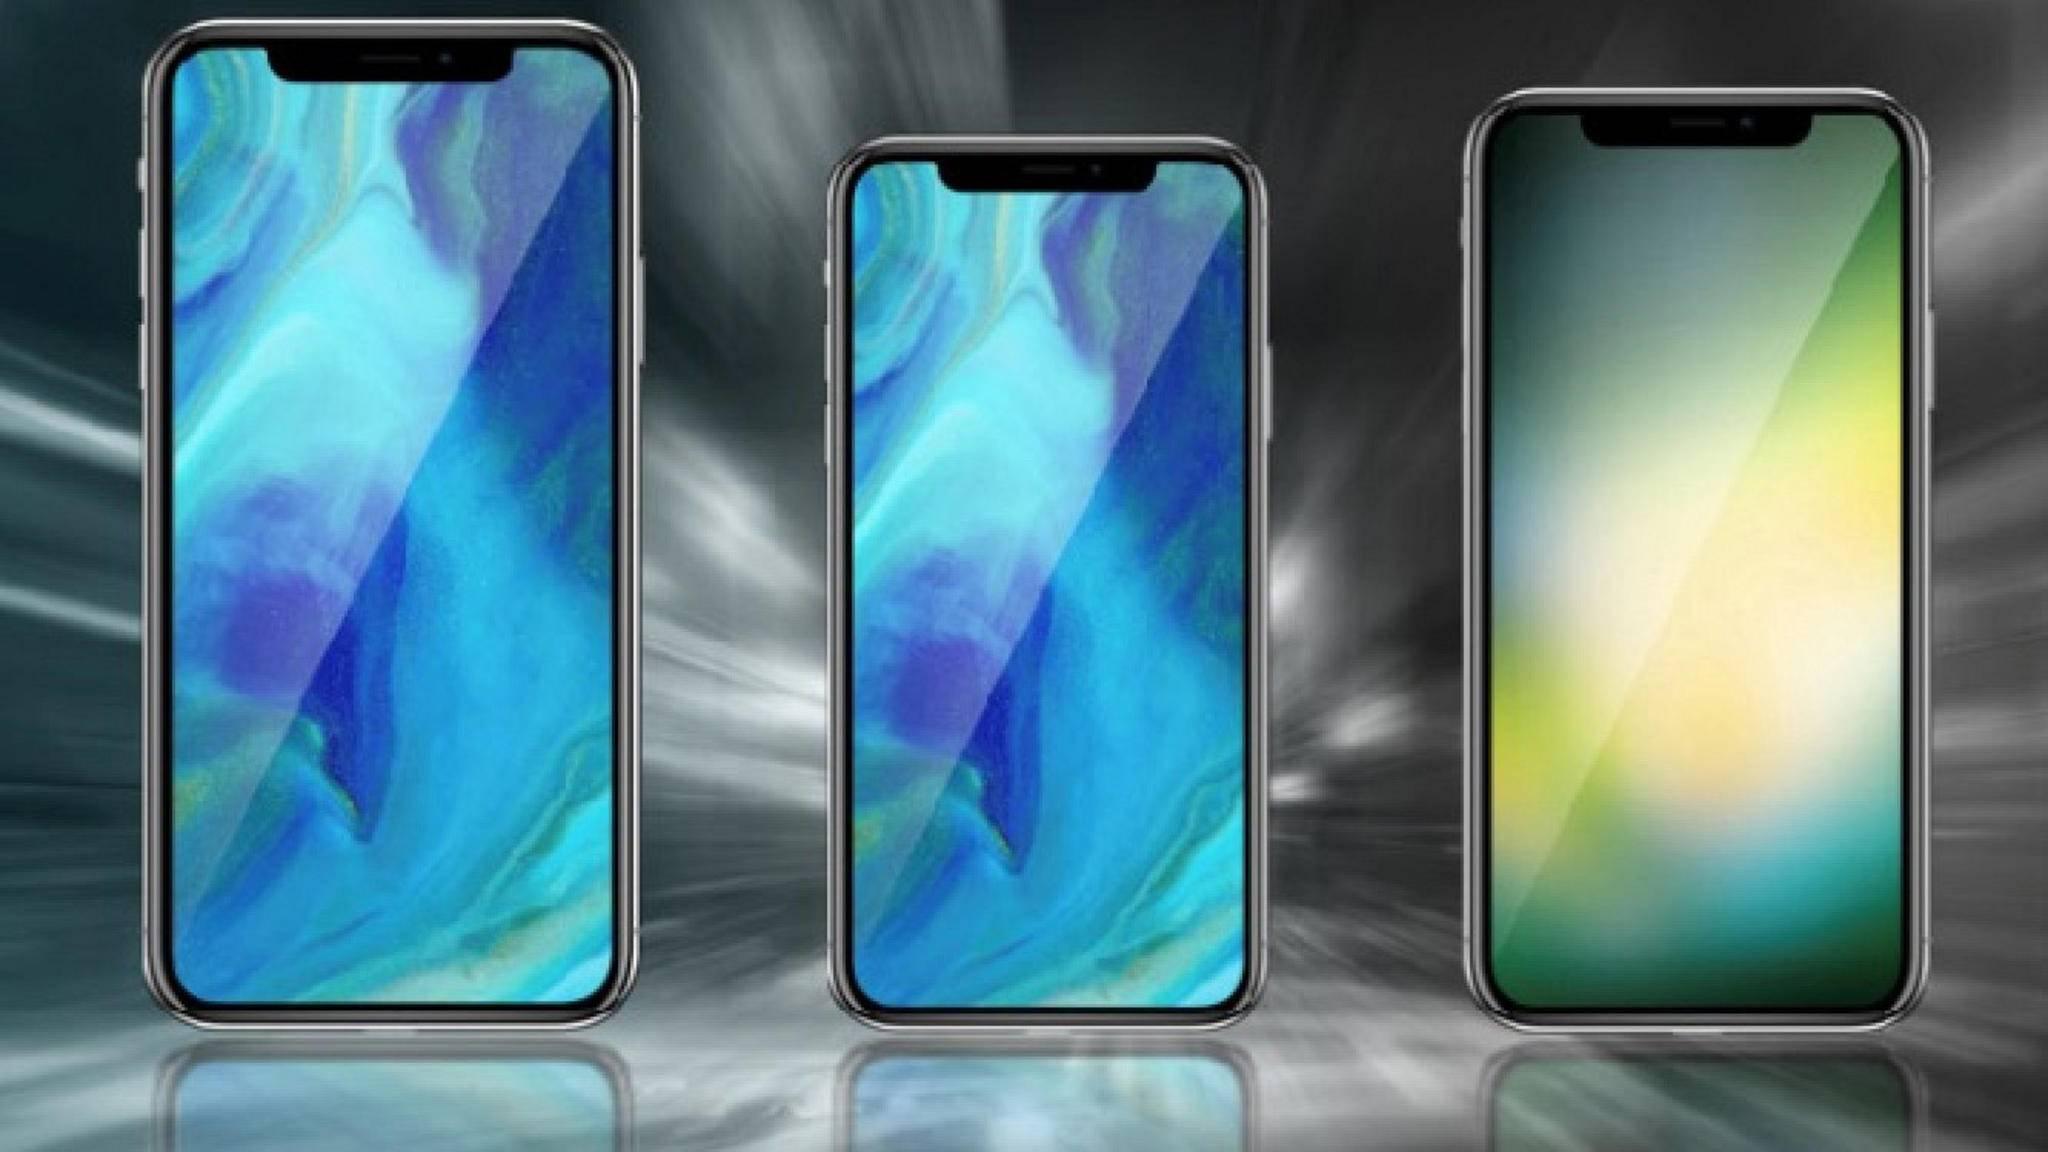 Die iPhones von 2018 werden voraussichtlich alle das fast rahmenlose iPhone-X-Design bieten.